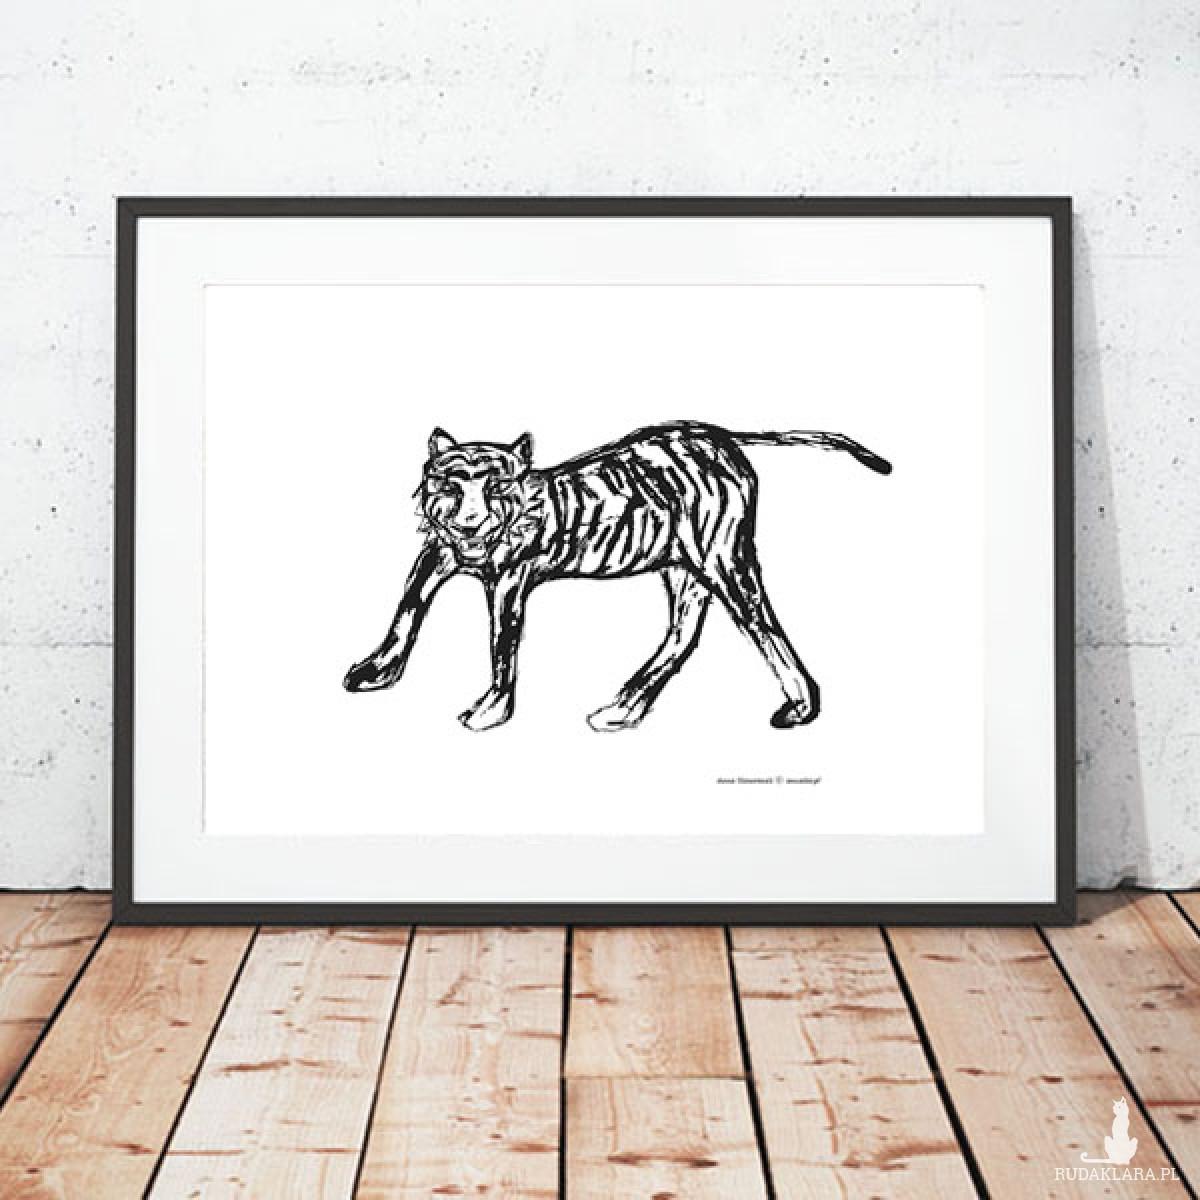 biało-czarny plakat z tygrysem, tygrys plakat, grafika z tygrysem